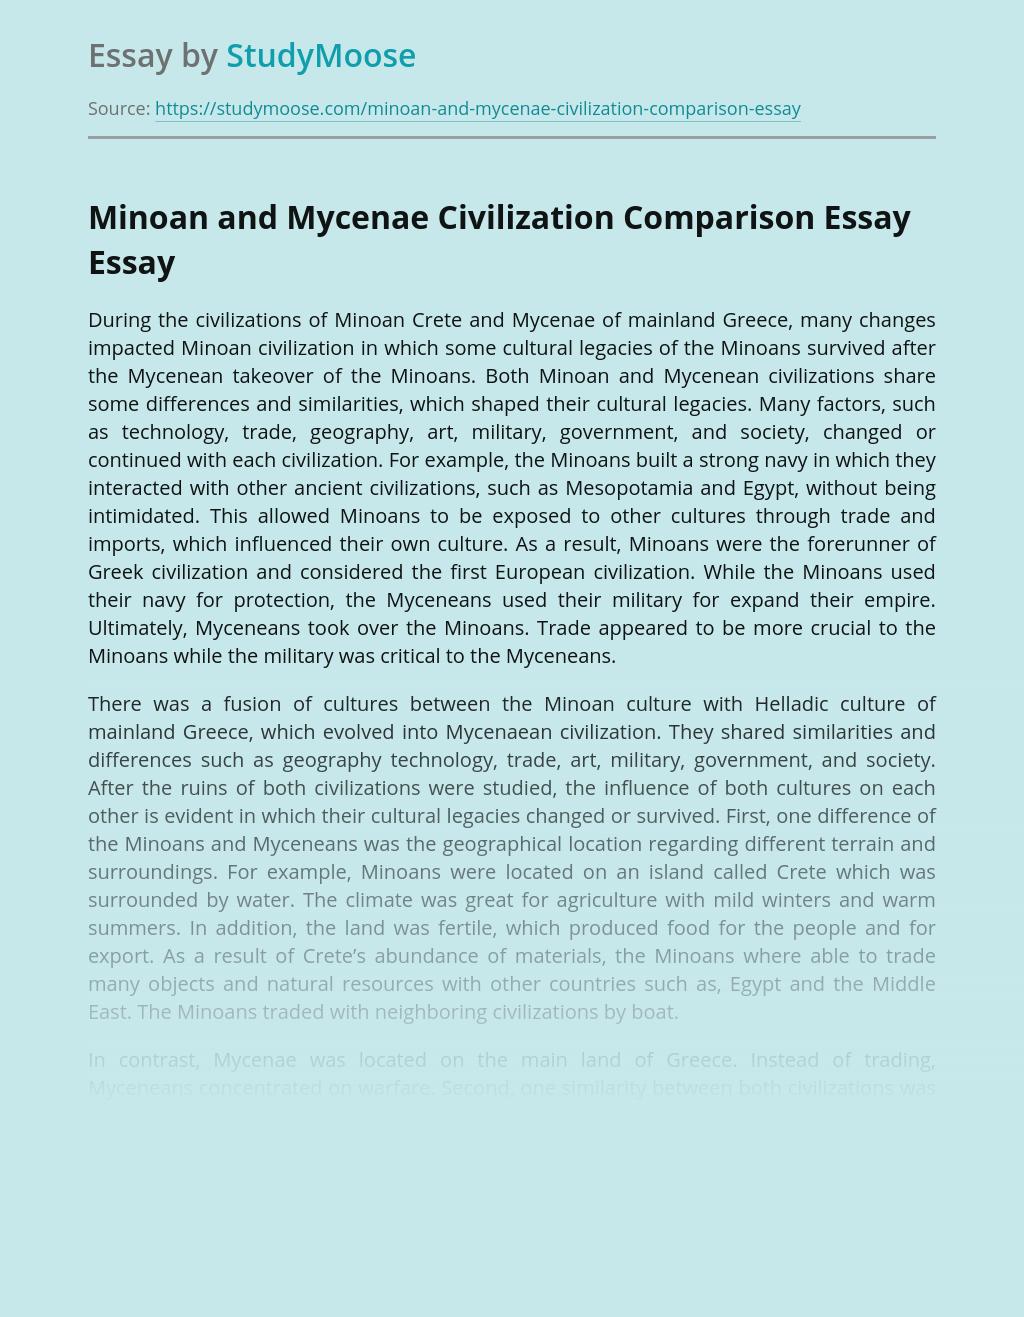 Minoan and Mycenae Civilization Comparison Essay